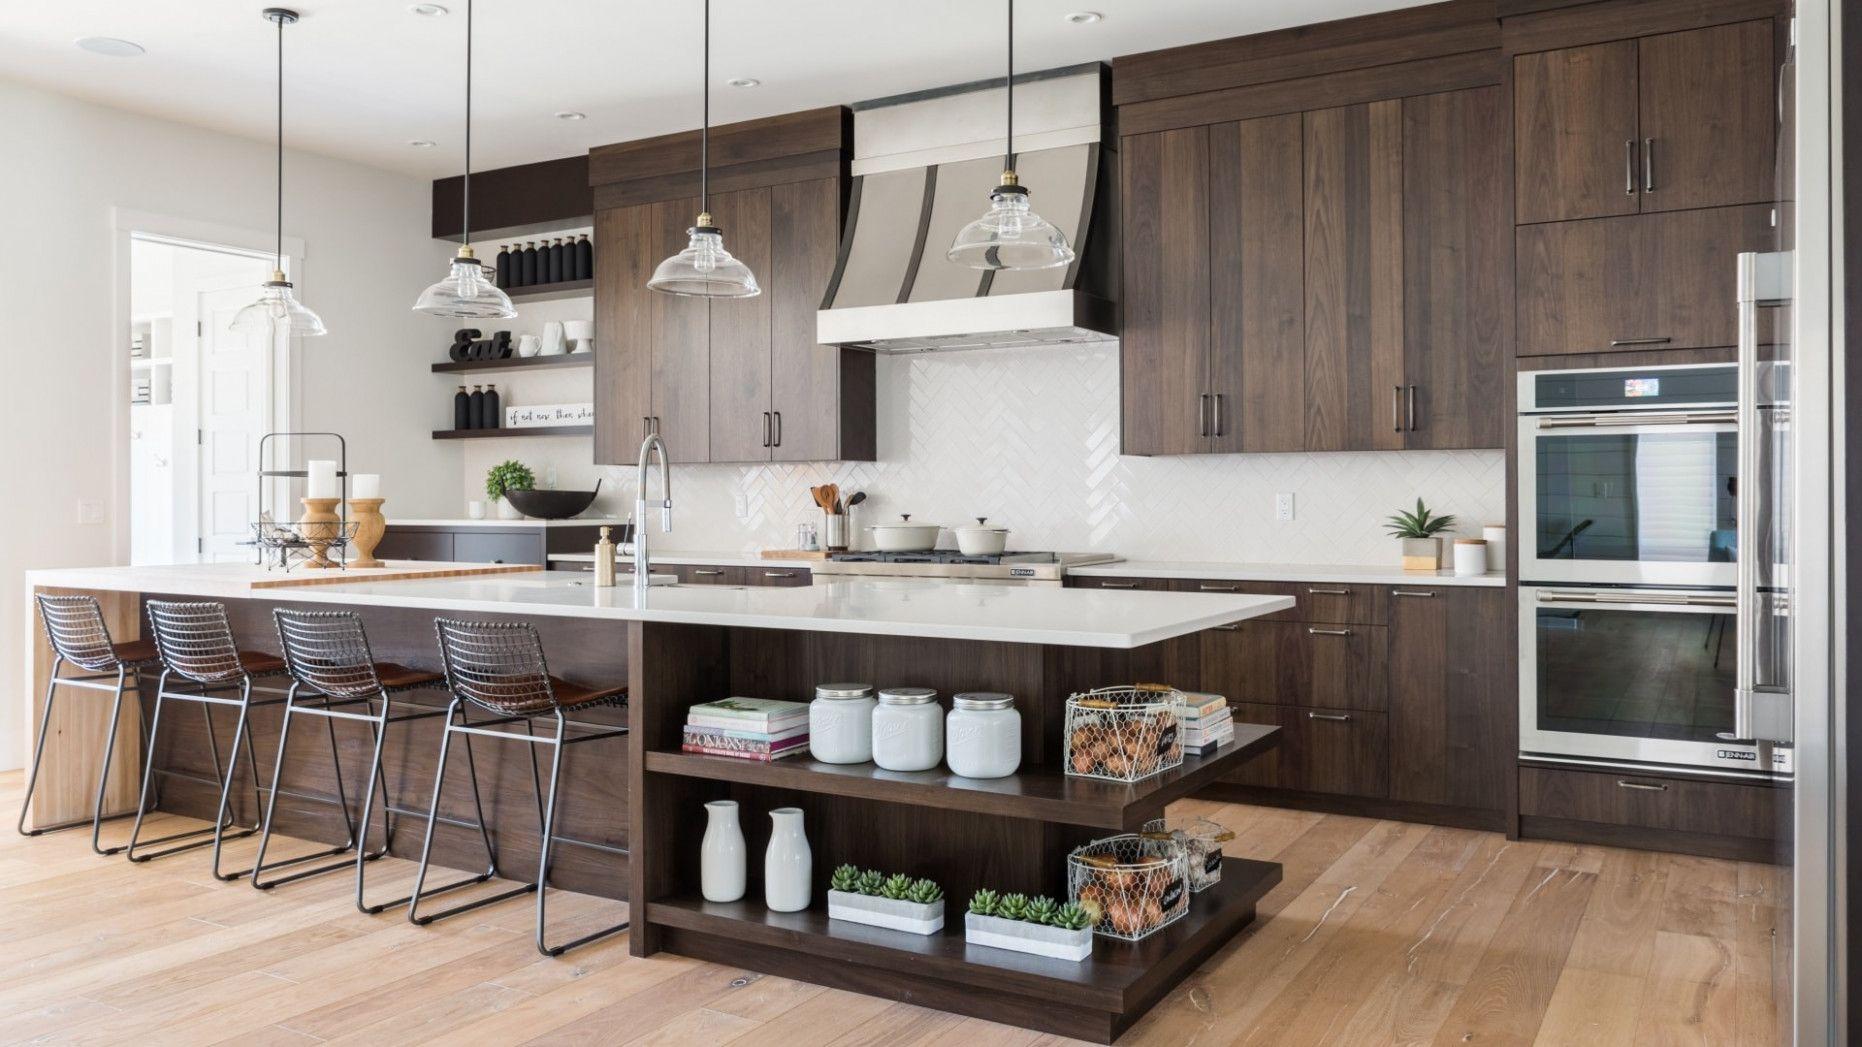 Your Dream Kitchen Kitchen Design Open Kitchen Cabinet Layout Kitchen Renovation Trends